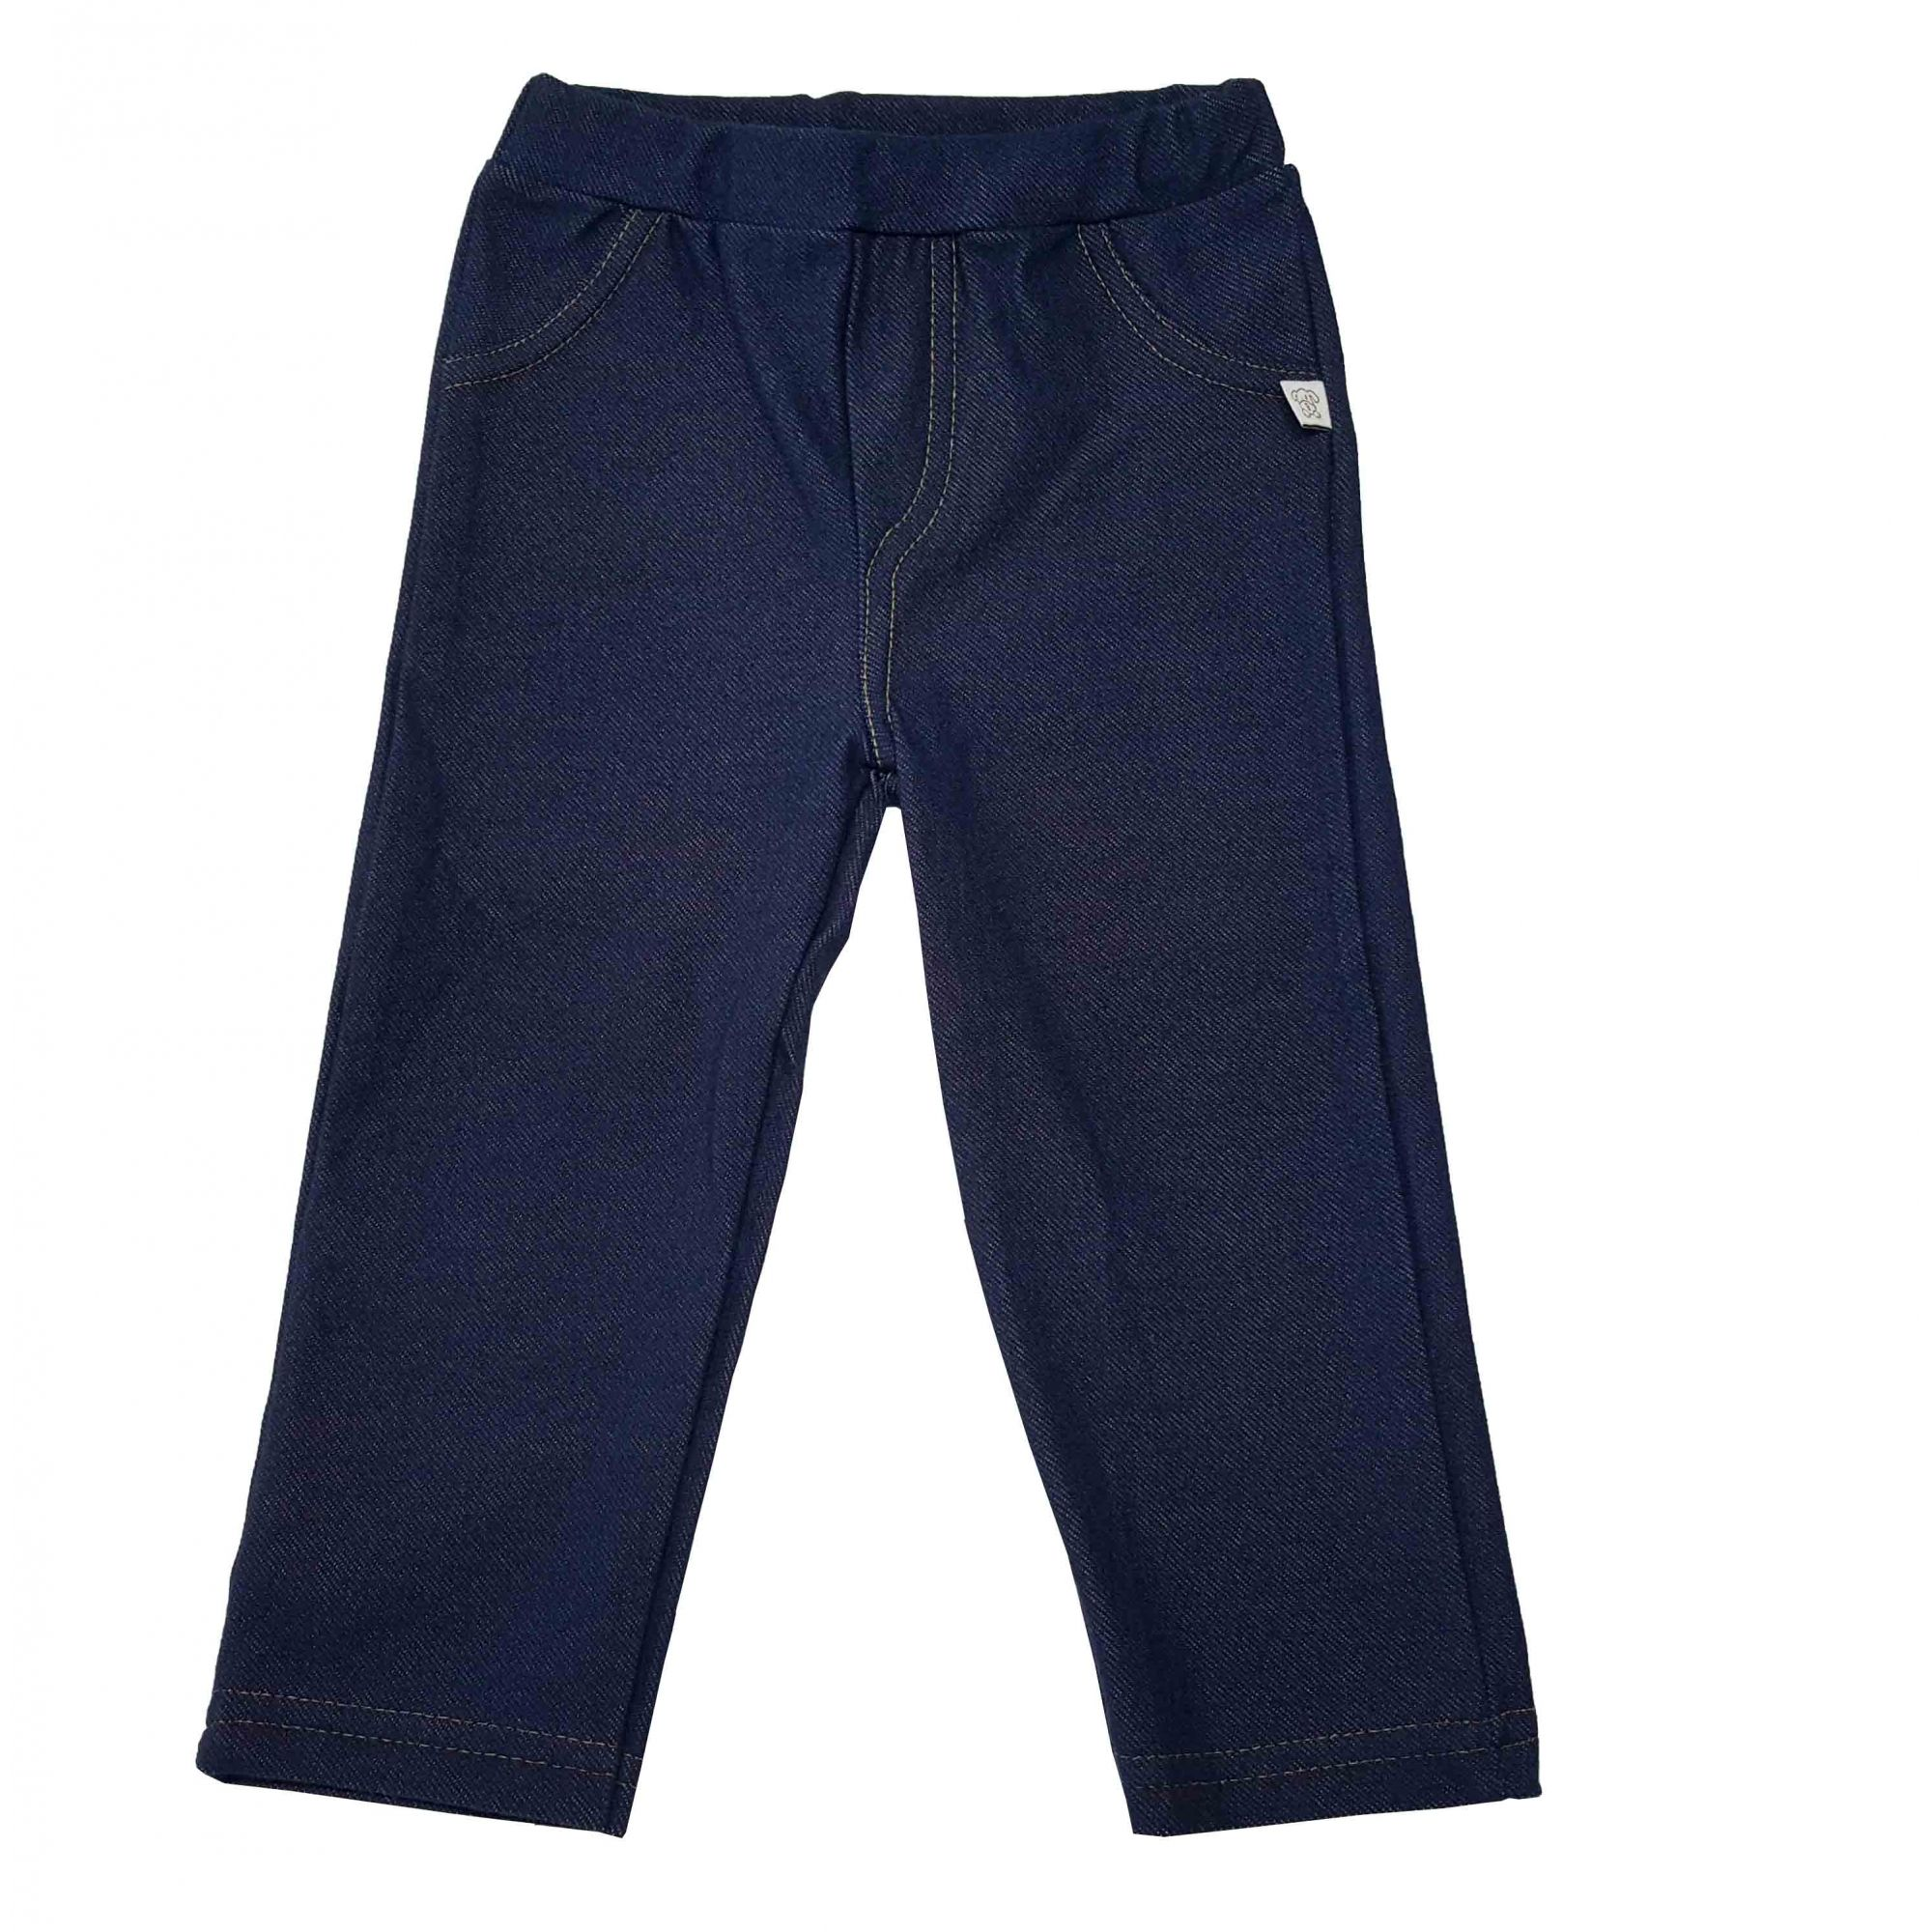 Conjunto Body manga longa, Calça Jeans e Casaco com Capuz Soft Pingo Lelê Azul Claro / Tamanho 3